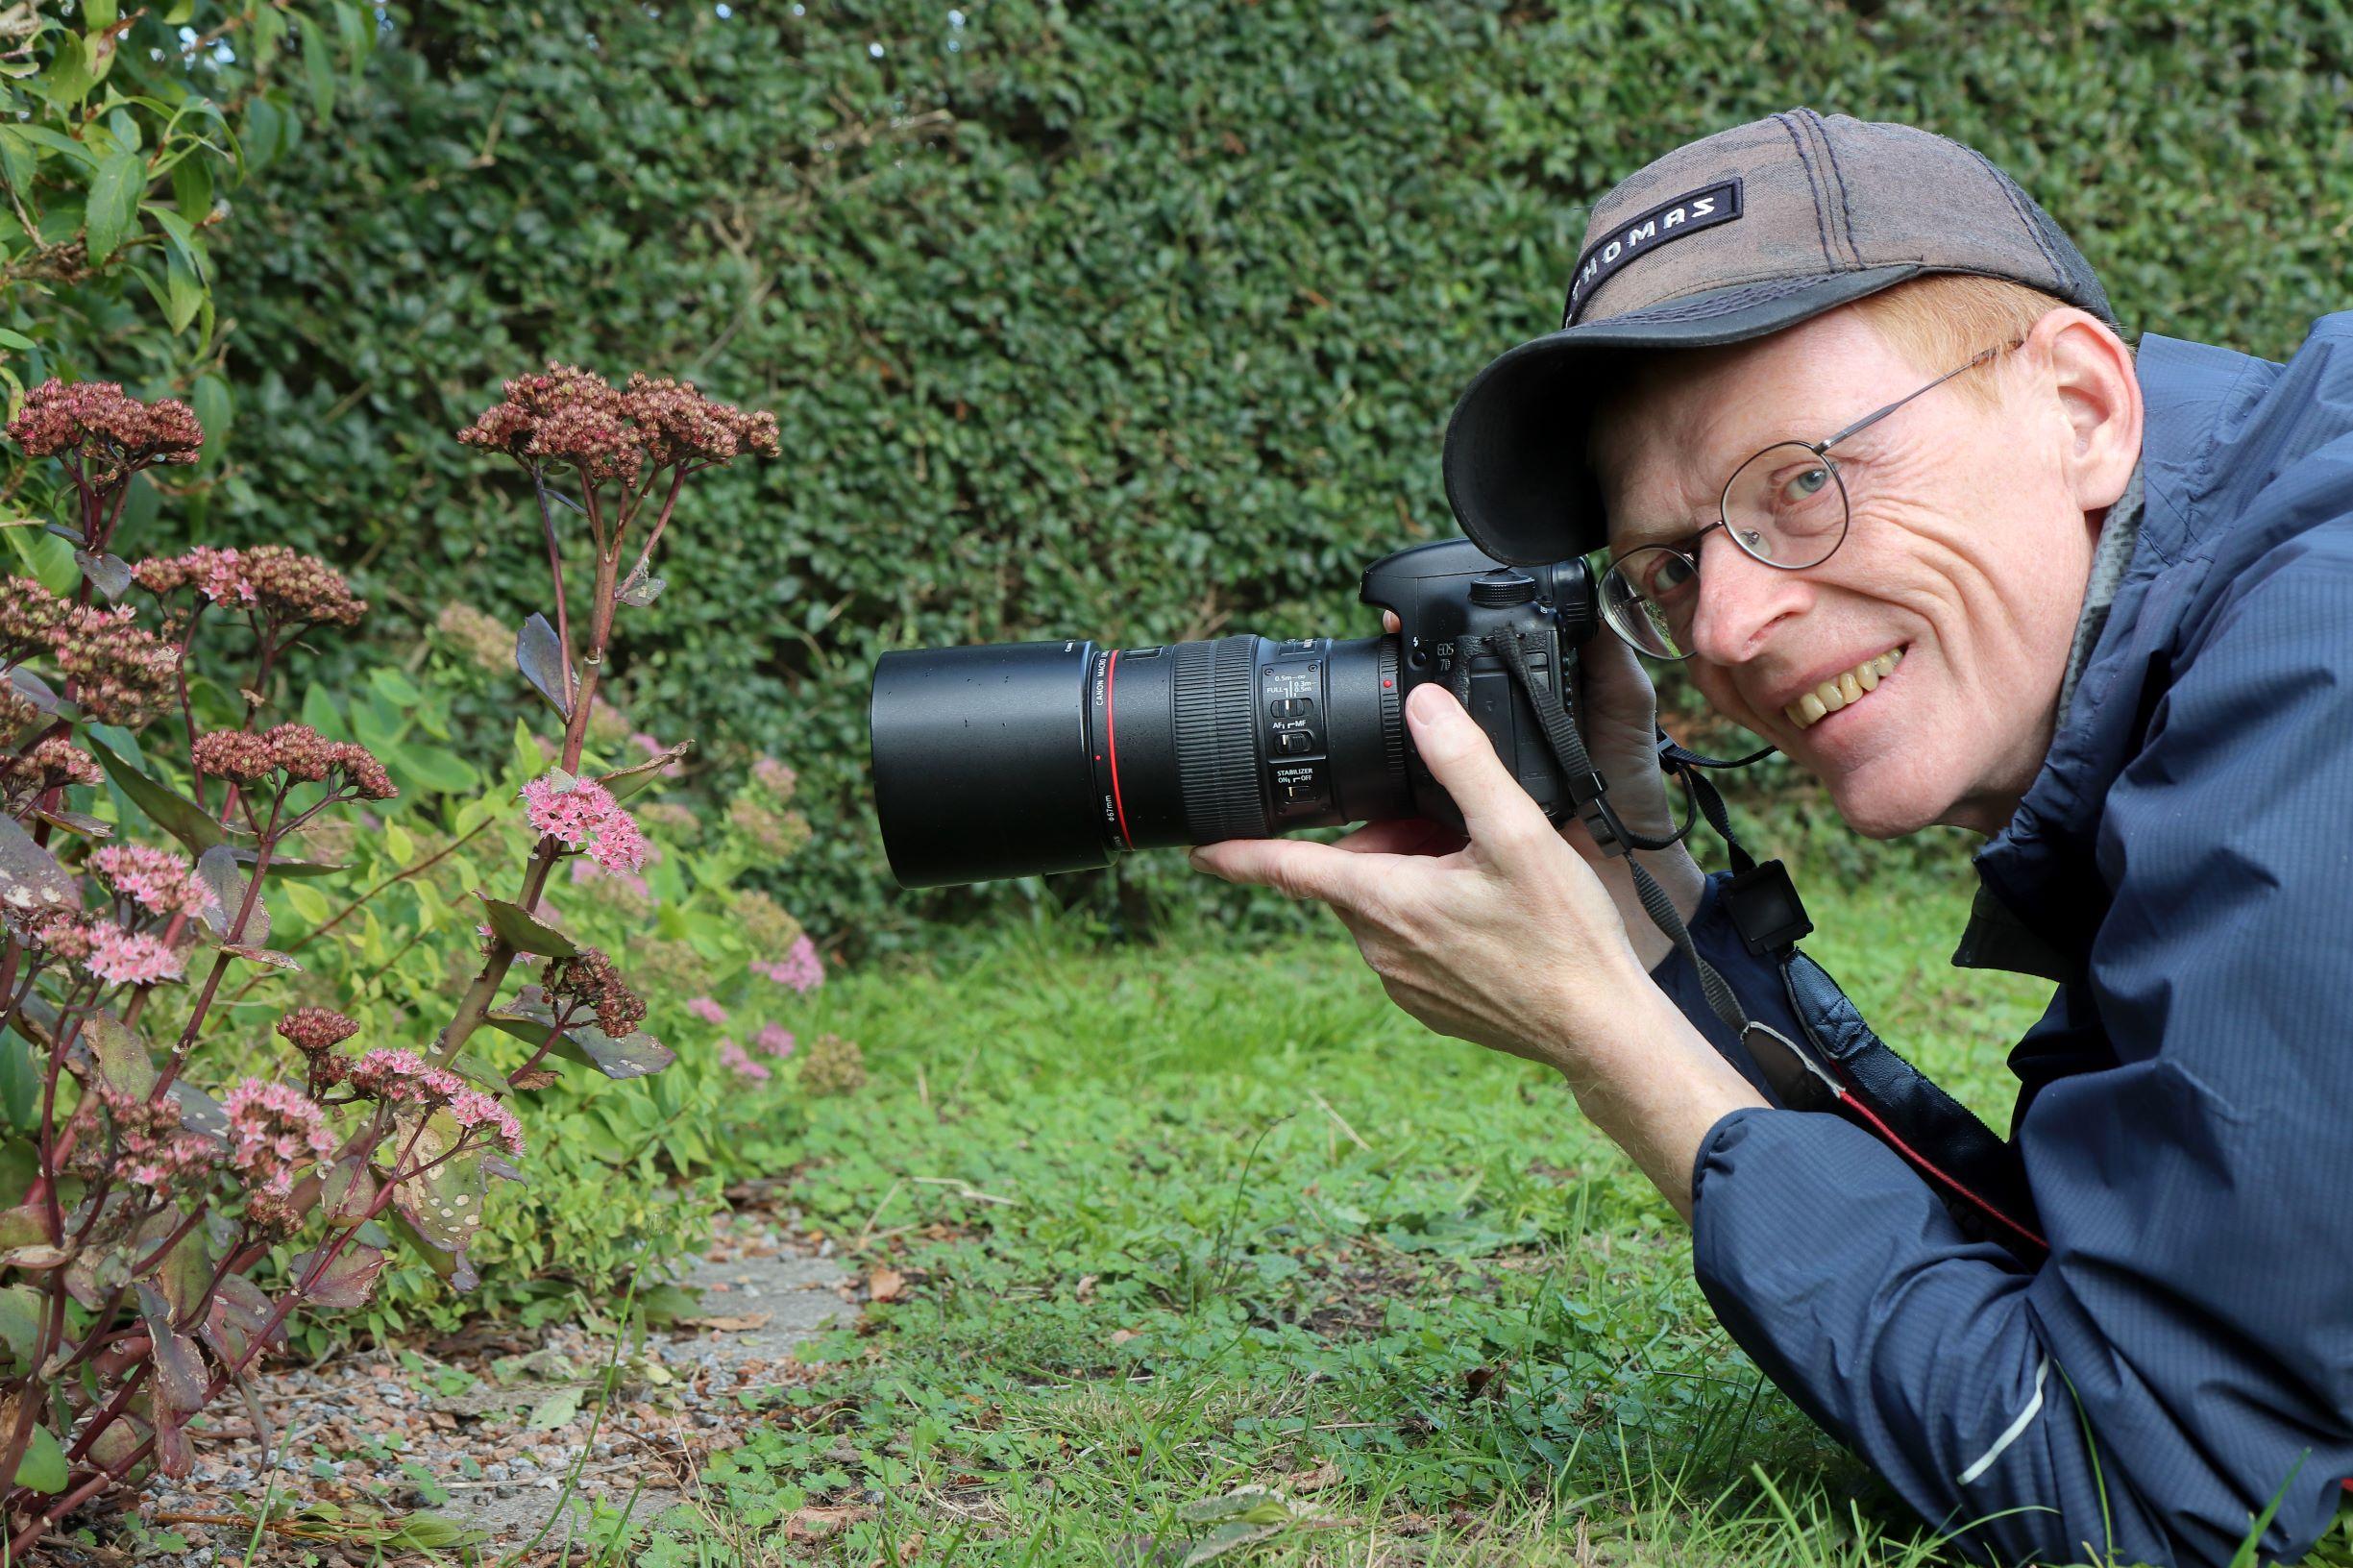 Bankrådgiver besat af dagsommerfugle: Har fotograferet alle danske arter